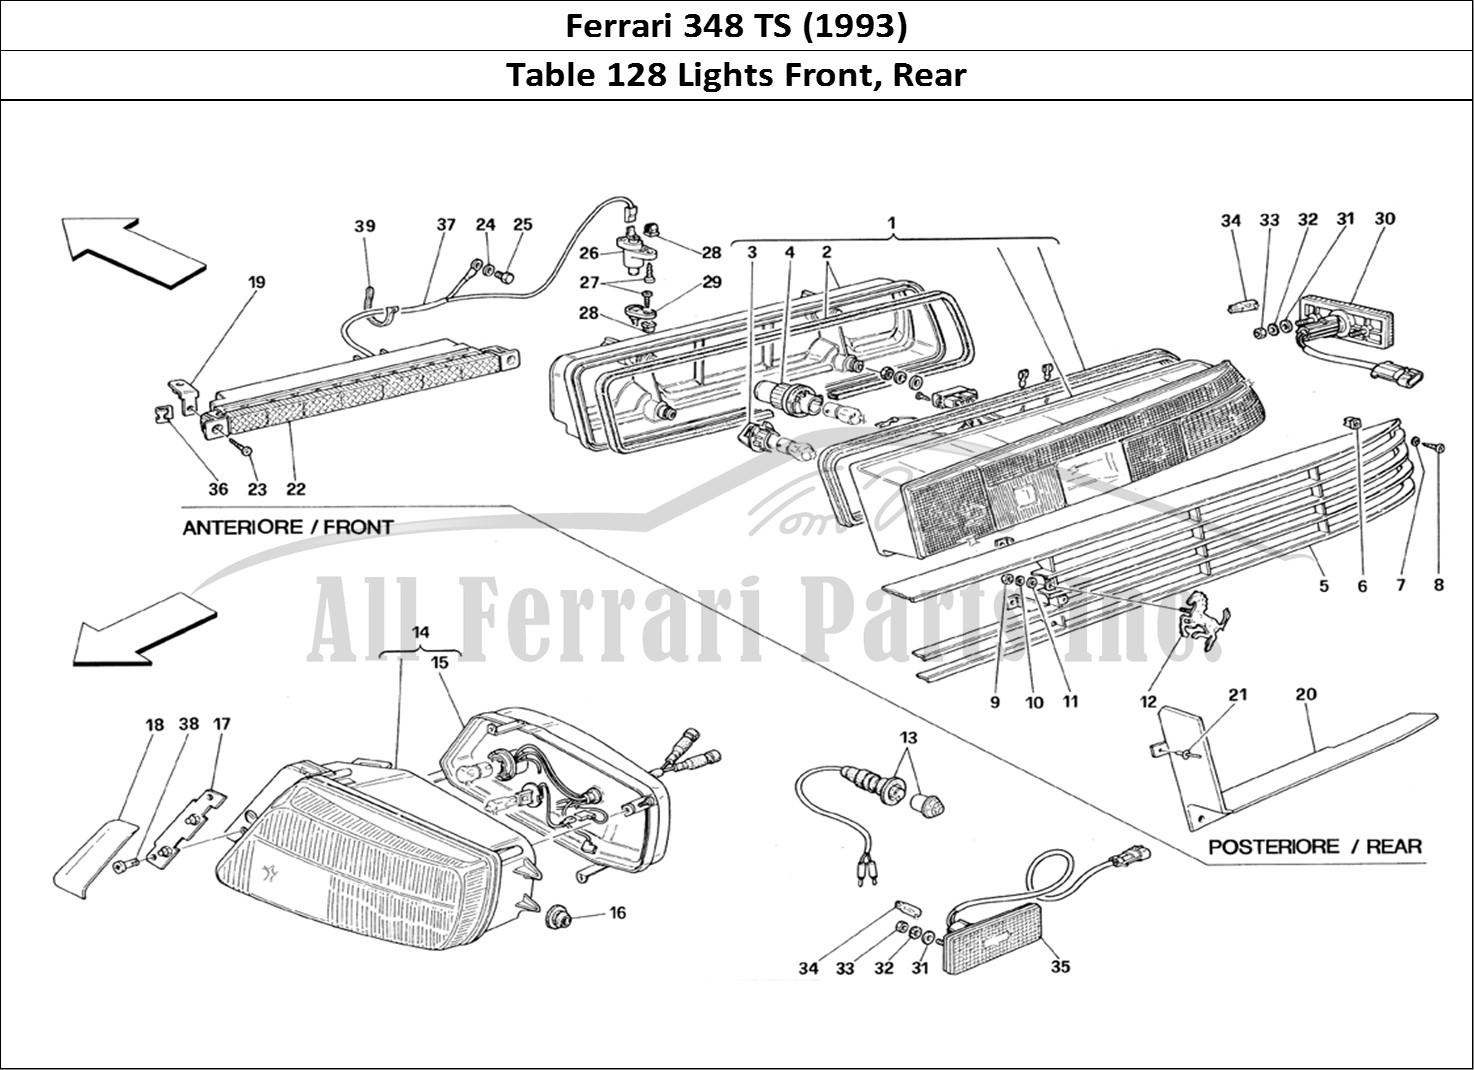 Buy Original Ferrari 348 Ts 128 Lights Front Rear